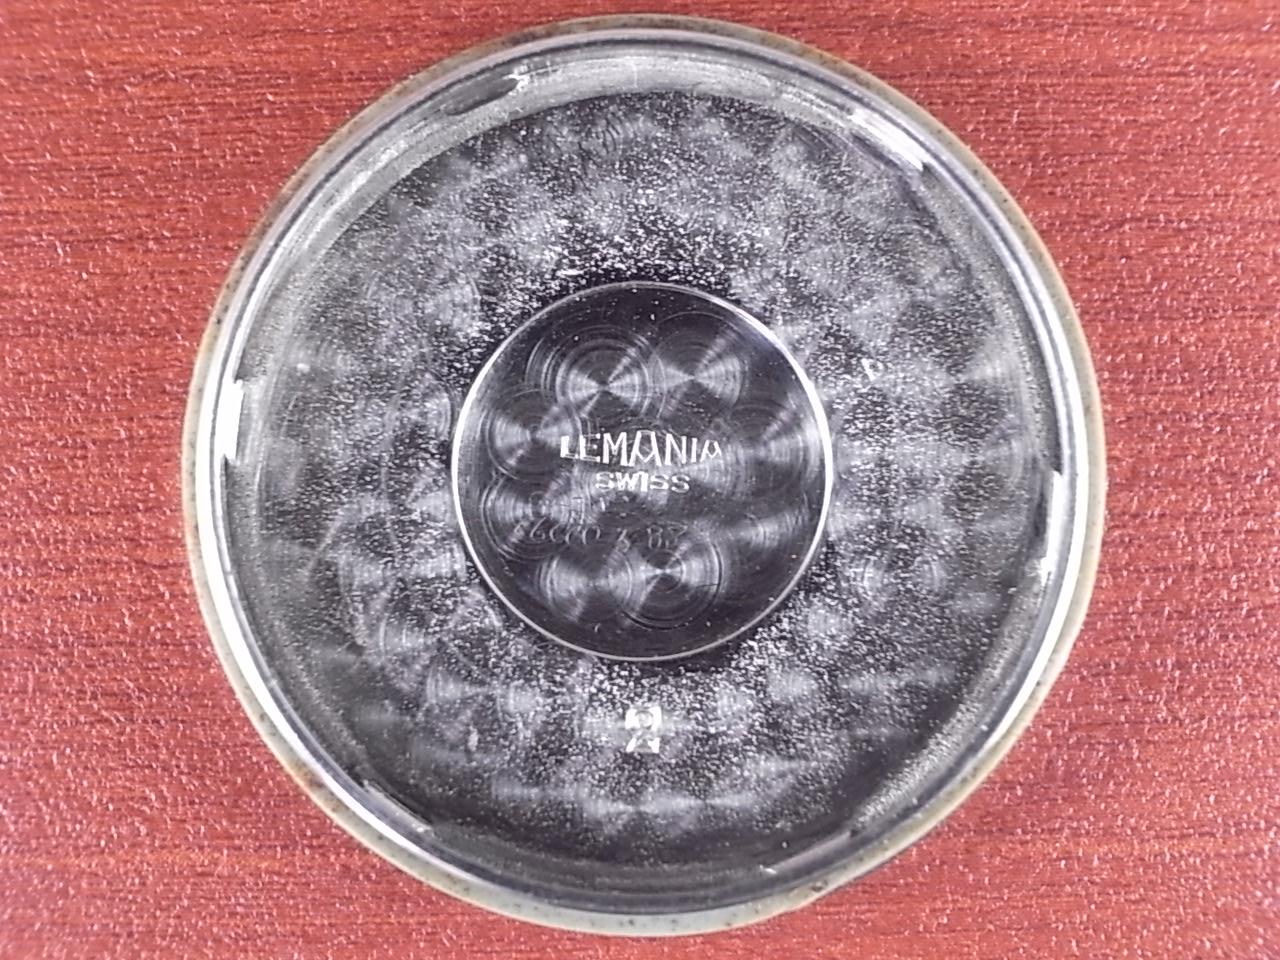 レマニア ブラックダイアル センターセコンド スクリューバック 1940年代の写真6枚目